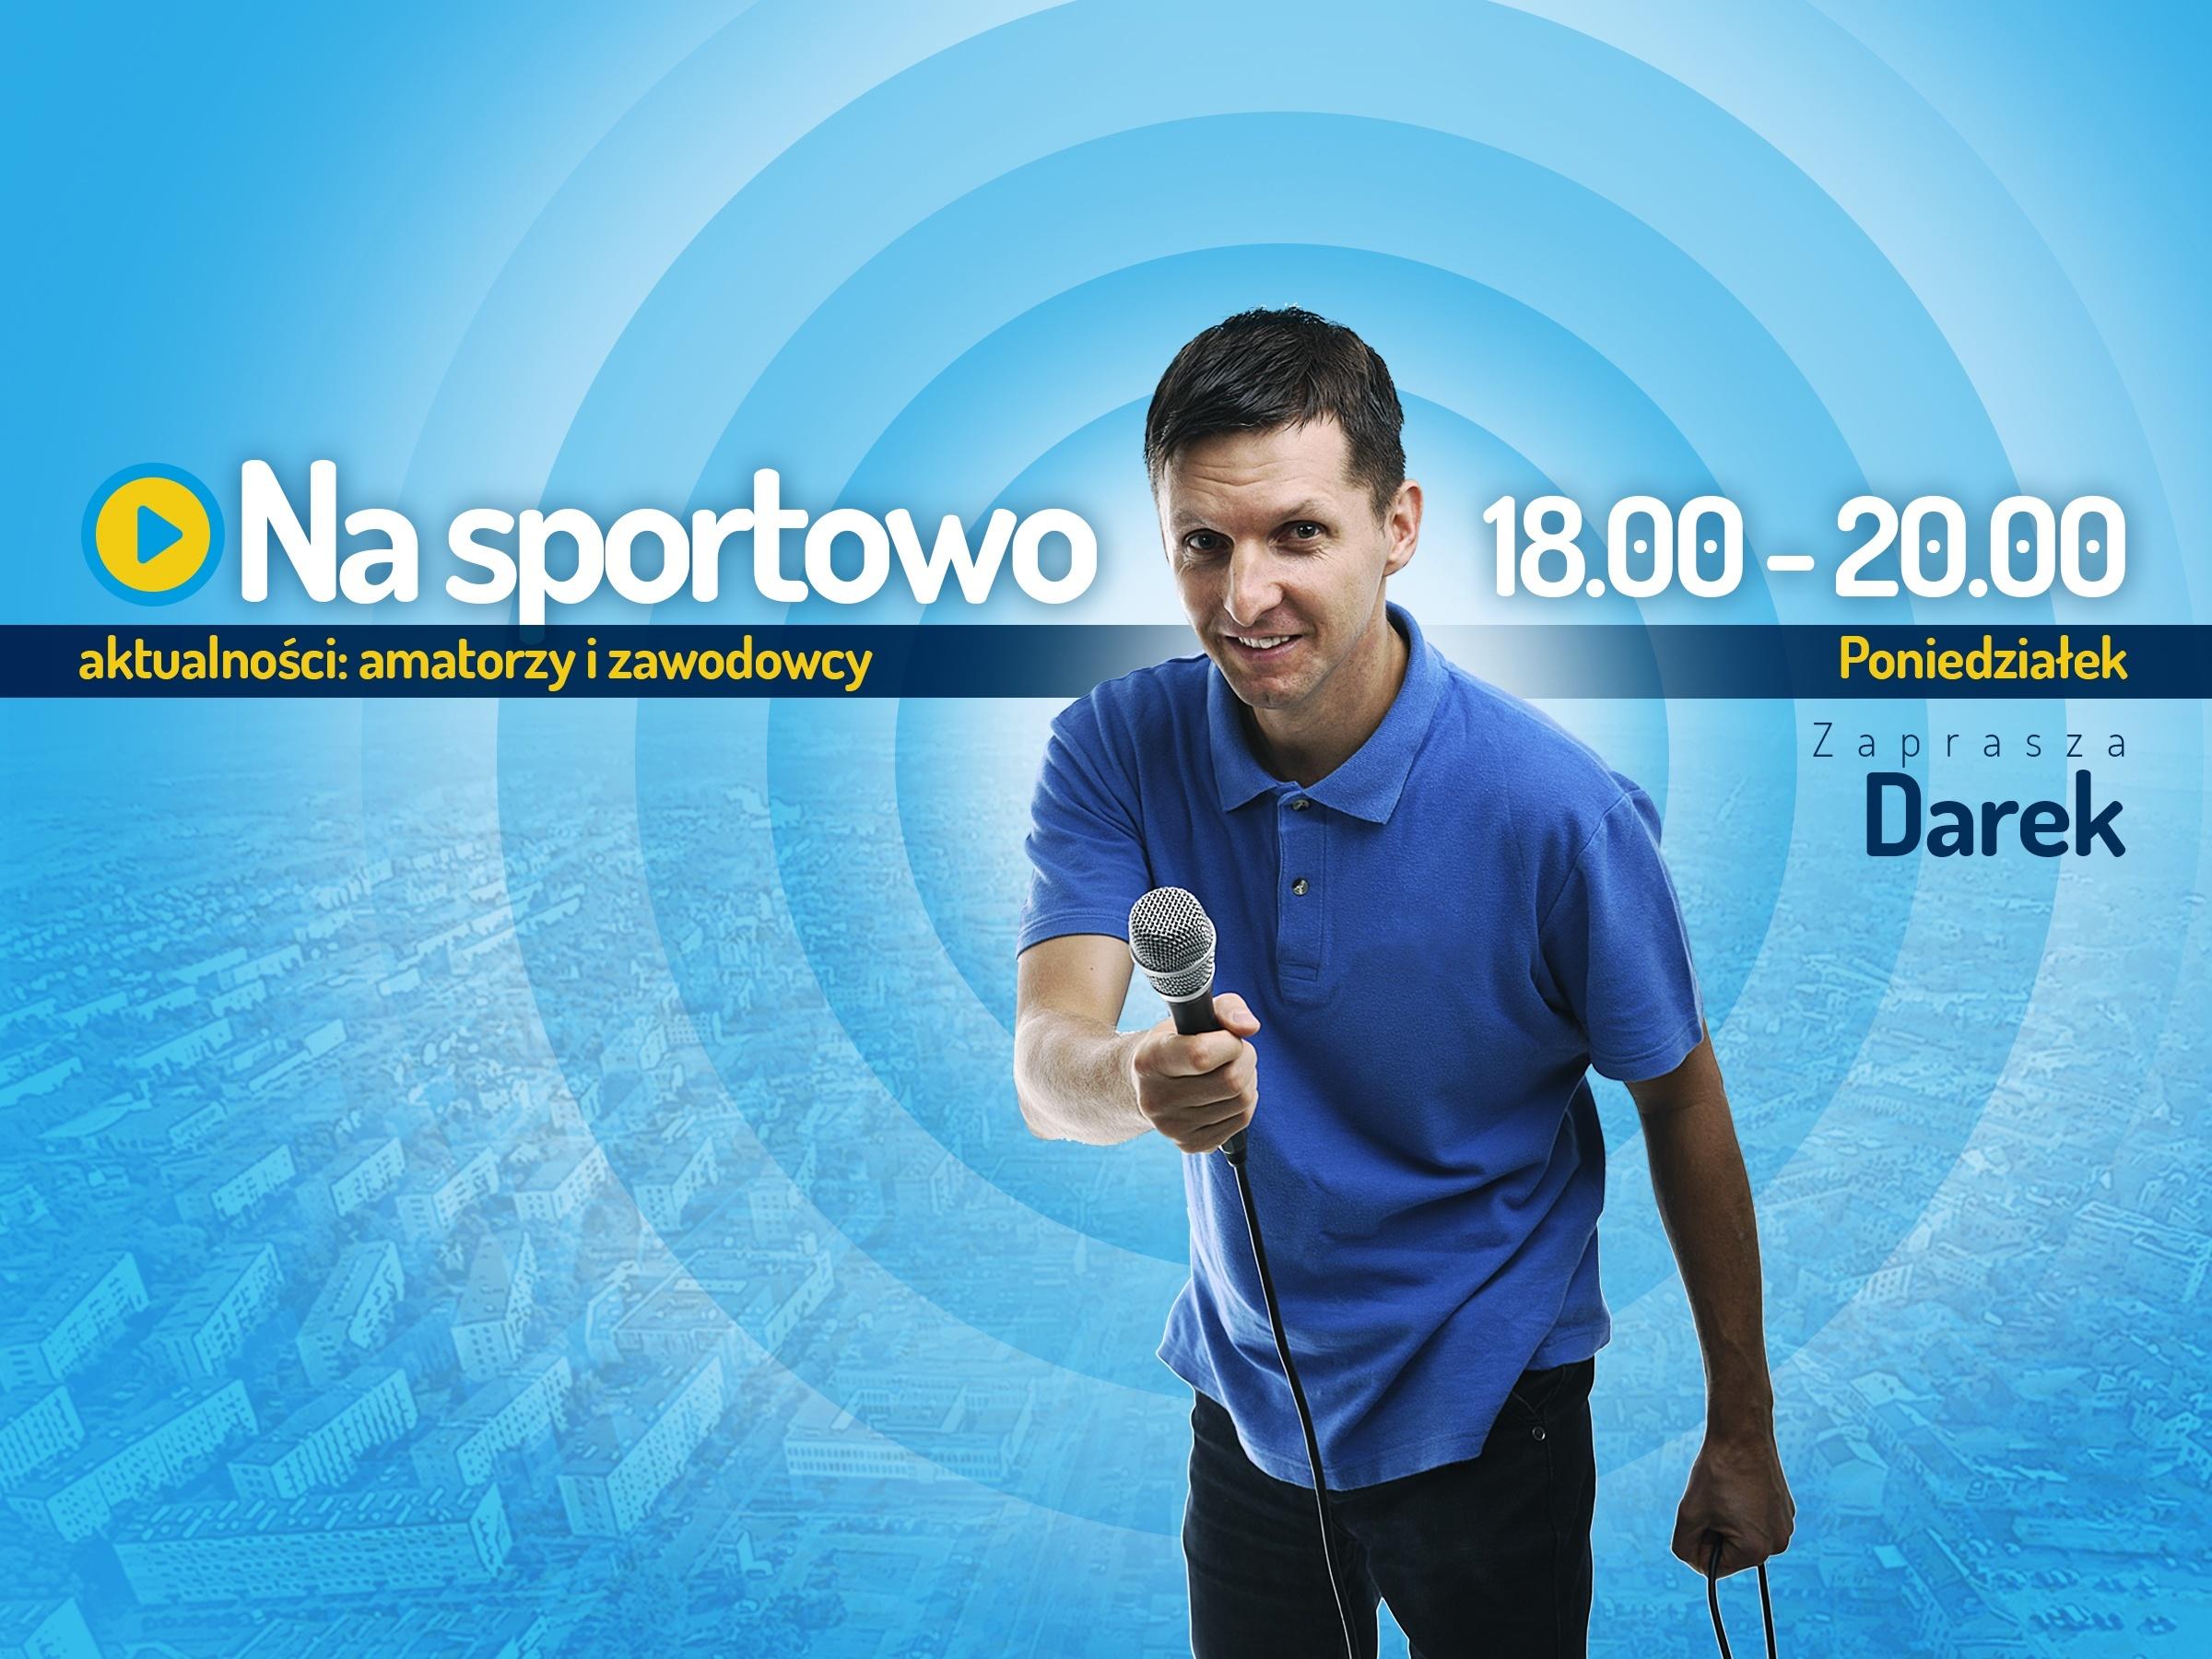 na_sportowo copy